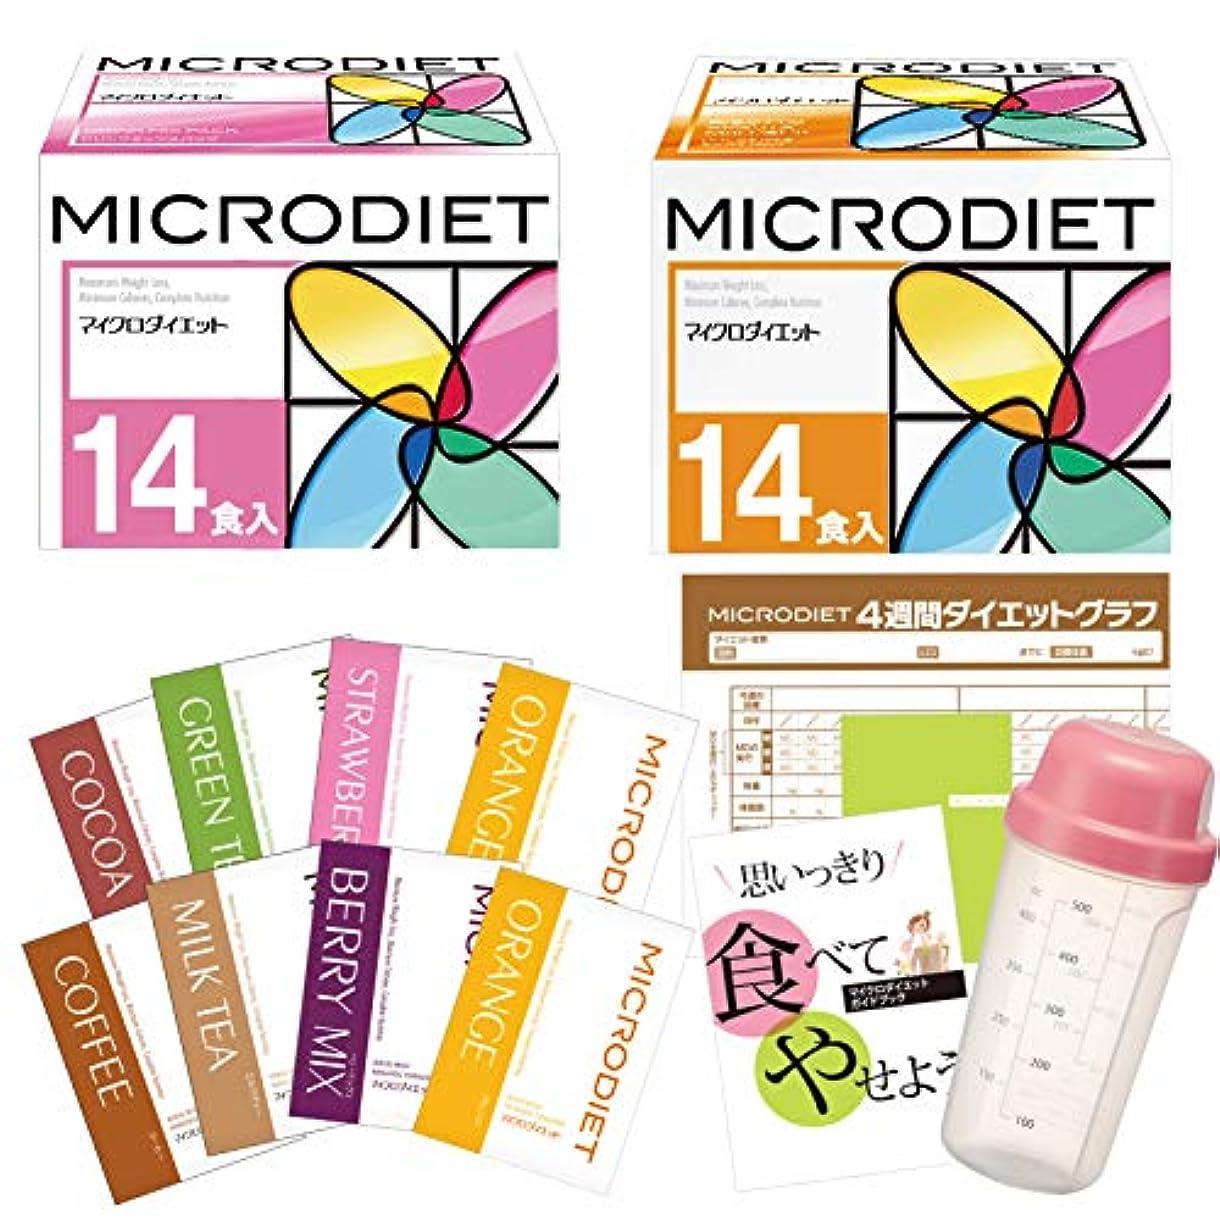 パンサー汚染する花マイクロダイエット2箱+8食セット(初回特典付き)ドリンク、リゾット&パスタ各1箱:06AMA2-0000022